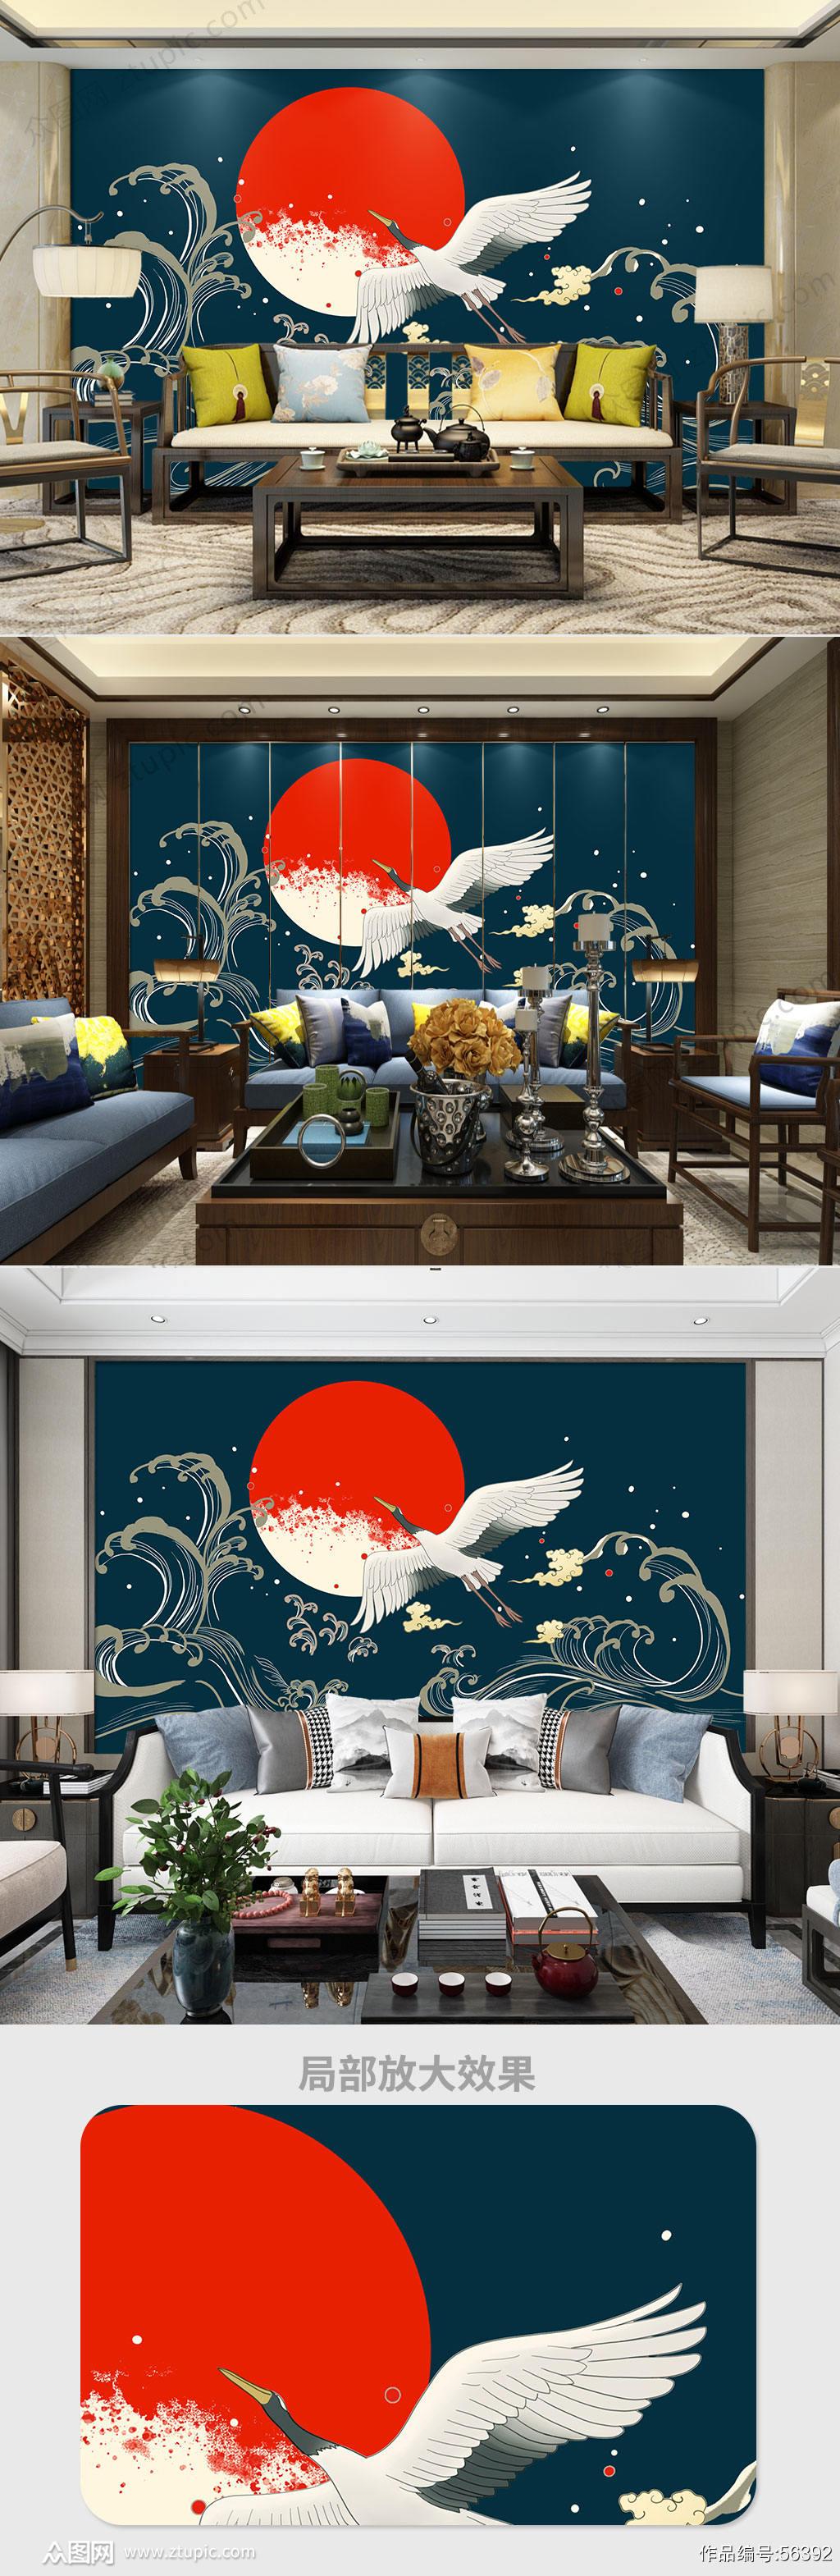 仙鹤祥云传统国潮背景墙素材